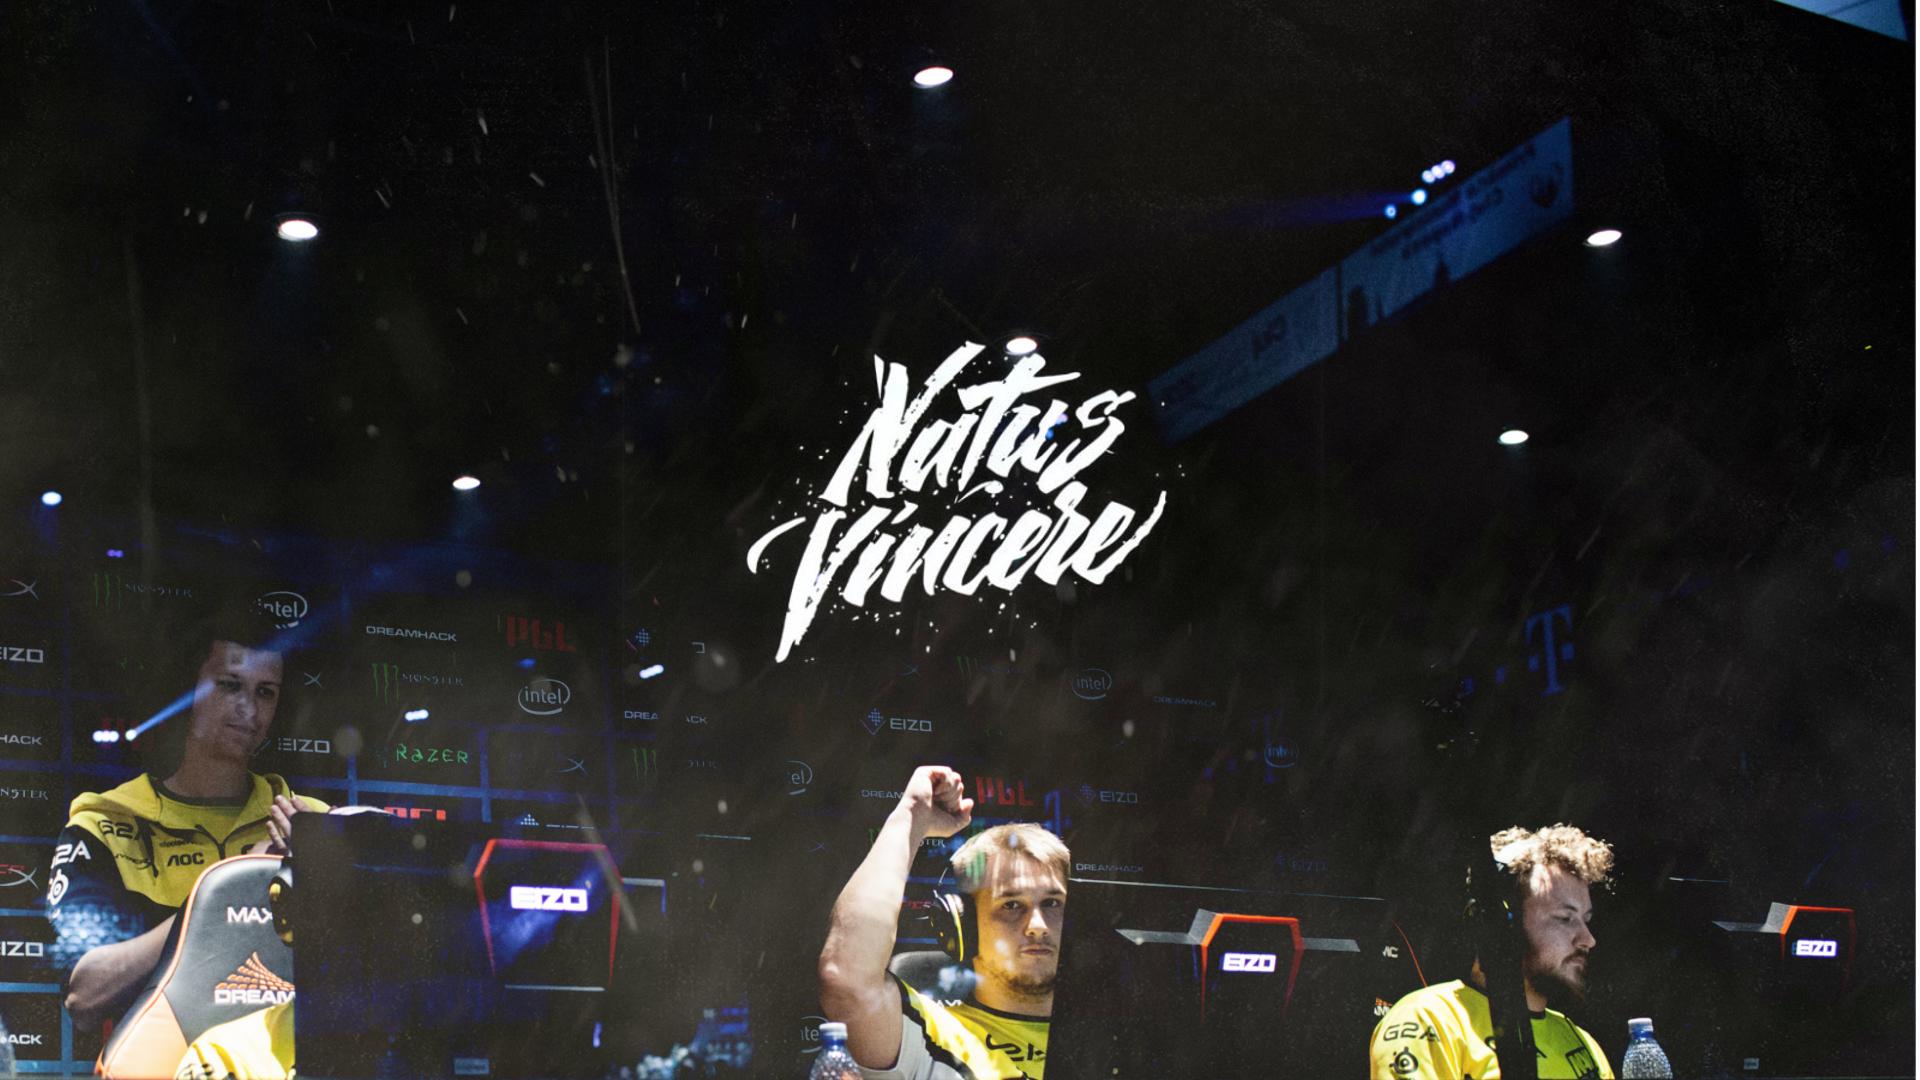 Natus Vincere - WALLPAPER